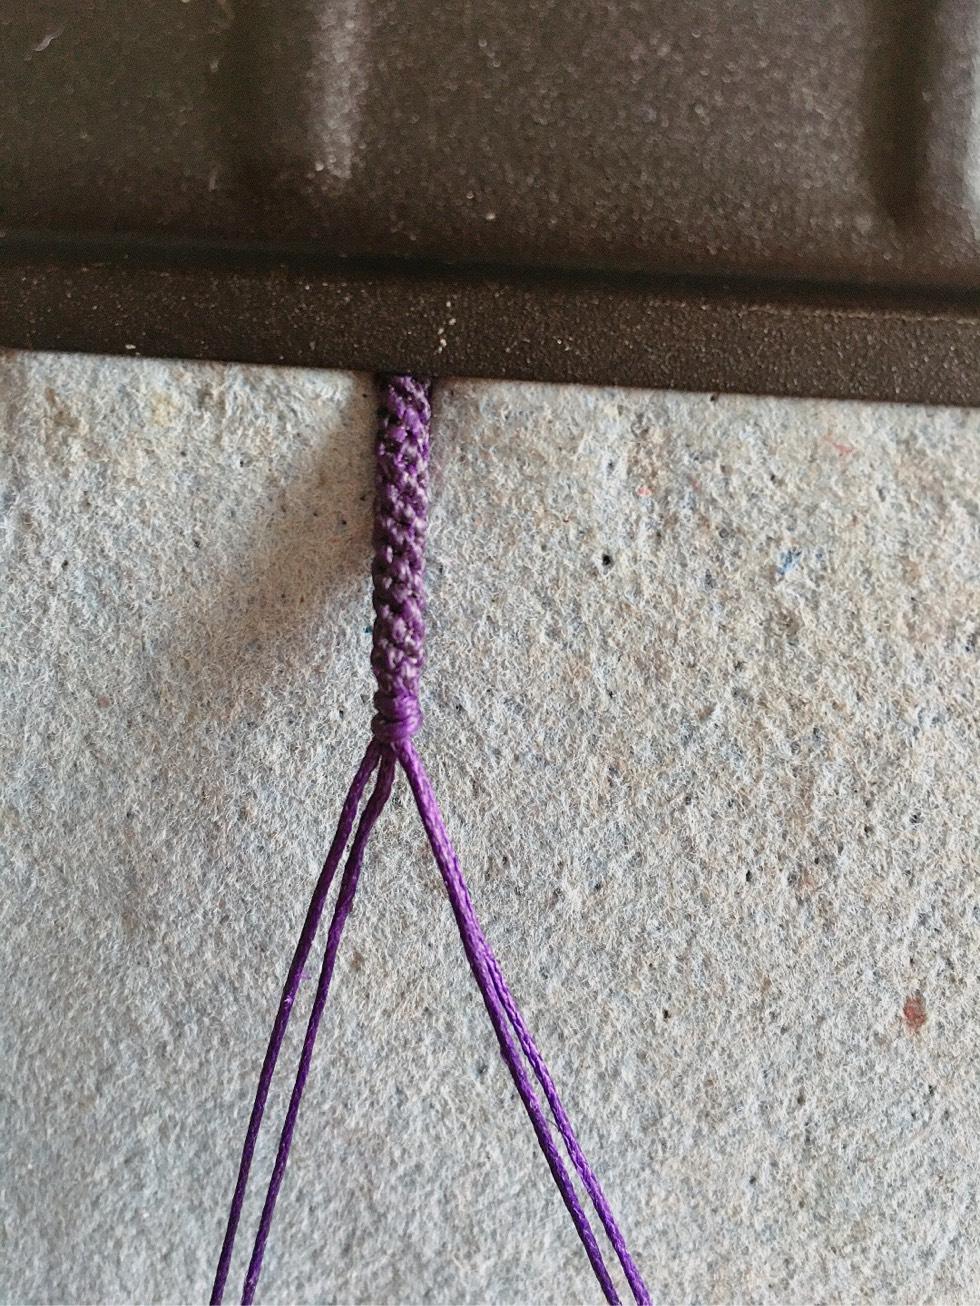 中国结论坛 项链绳中间过渡 两端抽拉的绳结怎么打,一根线穿吊坠打结方法,二根绳子各种编法图解 图文教程区 142611h9ppe9a87977pq7r